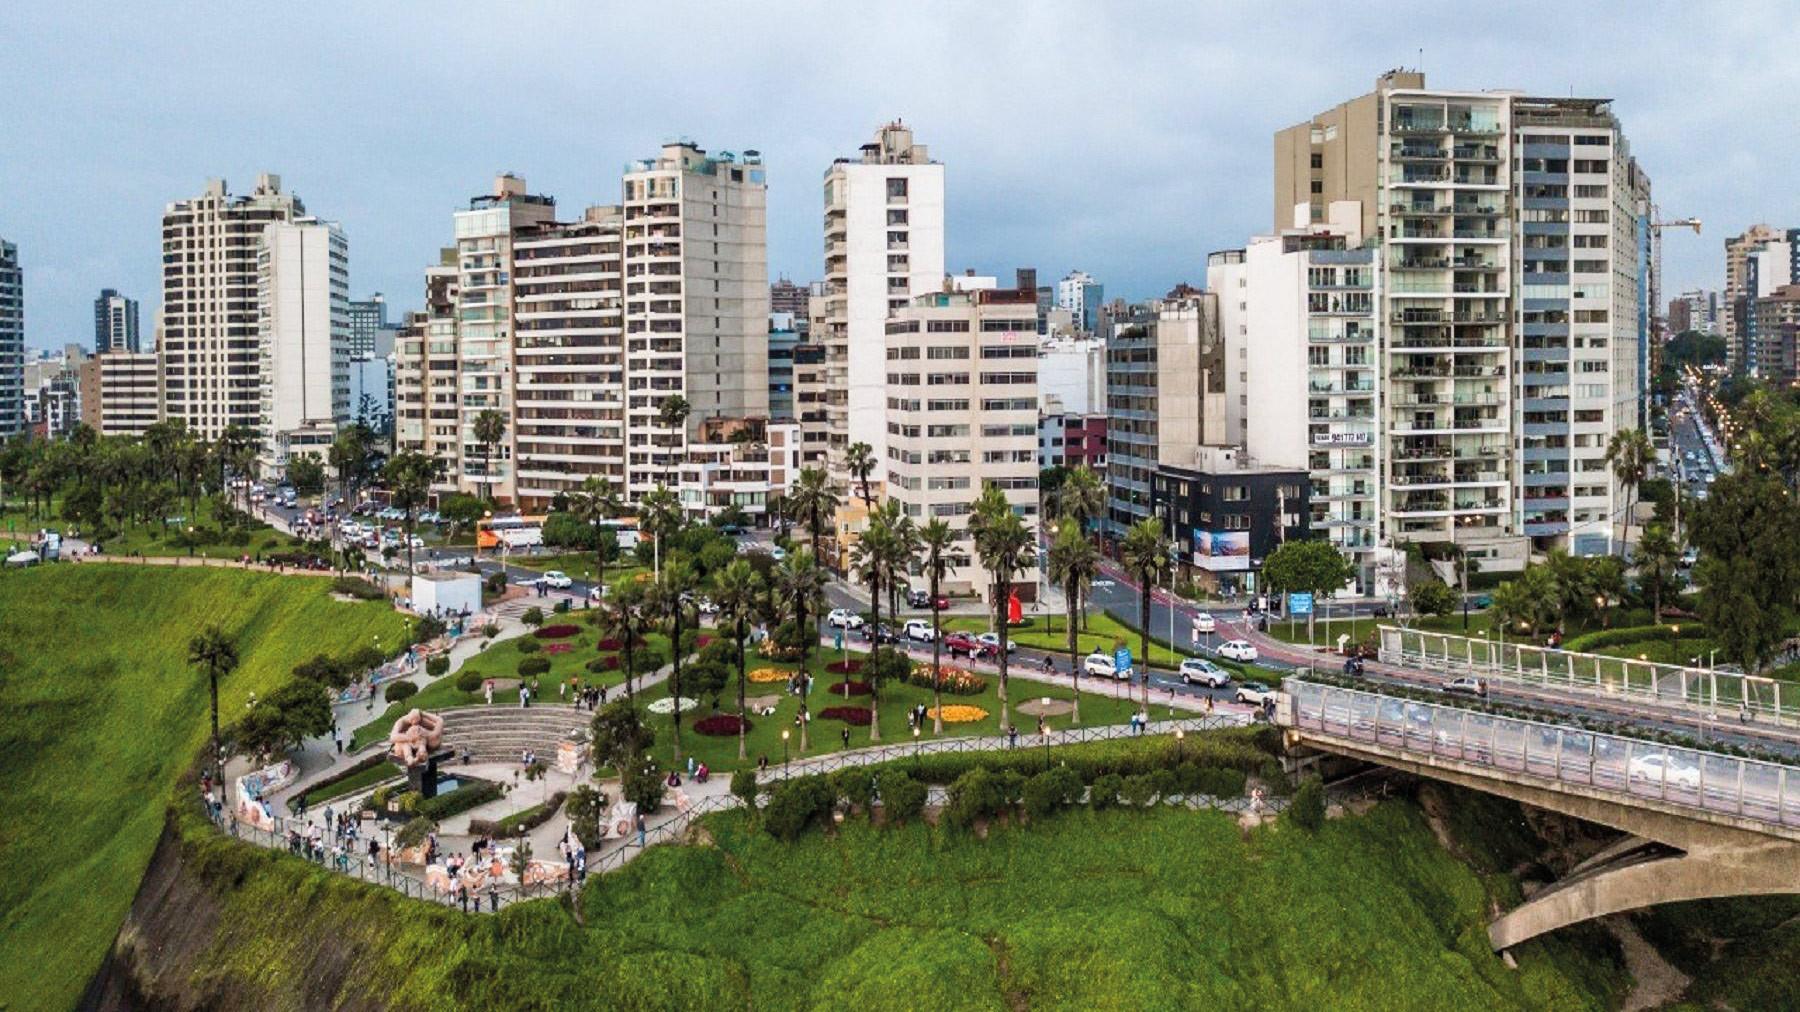 Precios de viviendas en Lima revierten caída tras dos meses a la baja